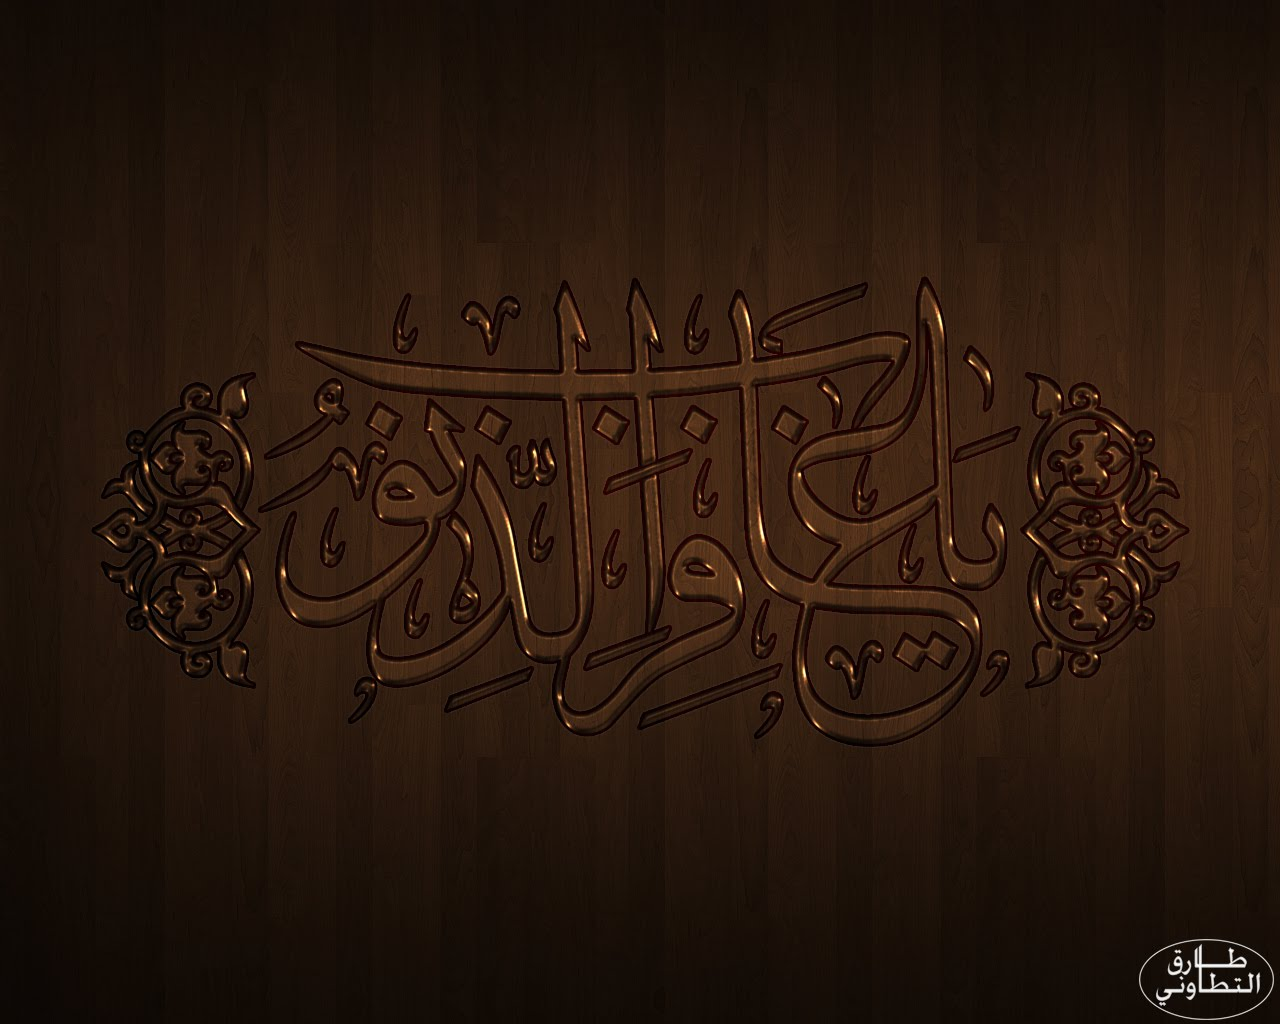 http://1.bp.blogspot.com/_e_iT6XvE4tk/S7B0f_7TcPI/AAAAAAAAAX0/_kryWq71_GQ/s1600/Islam(265).jpg